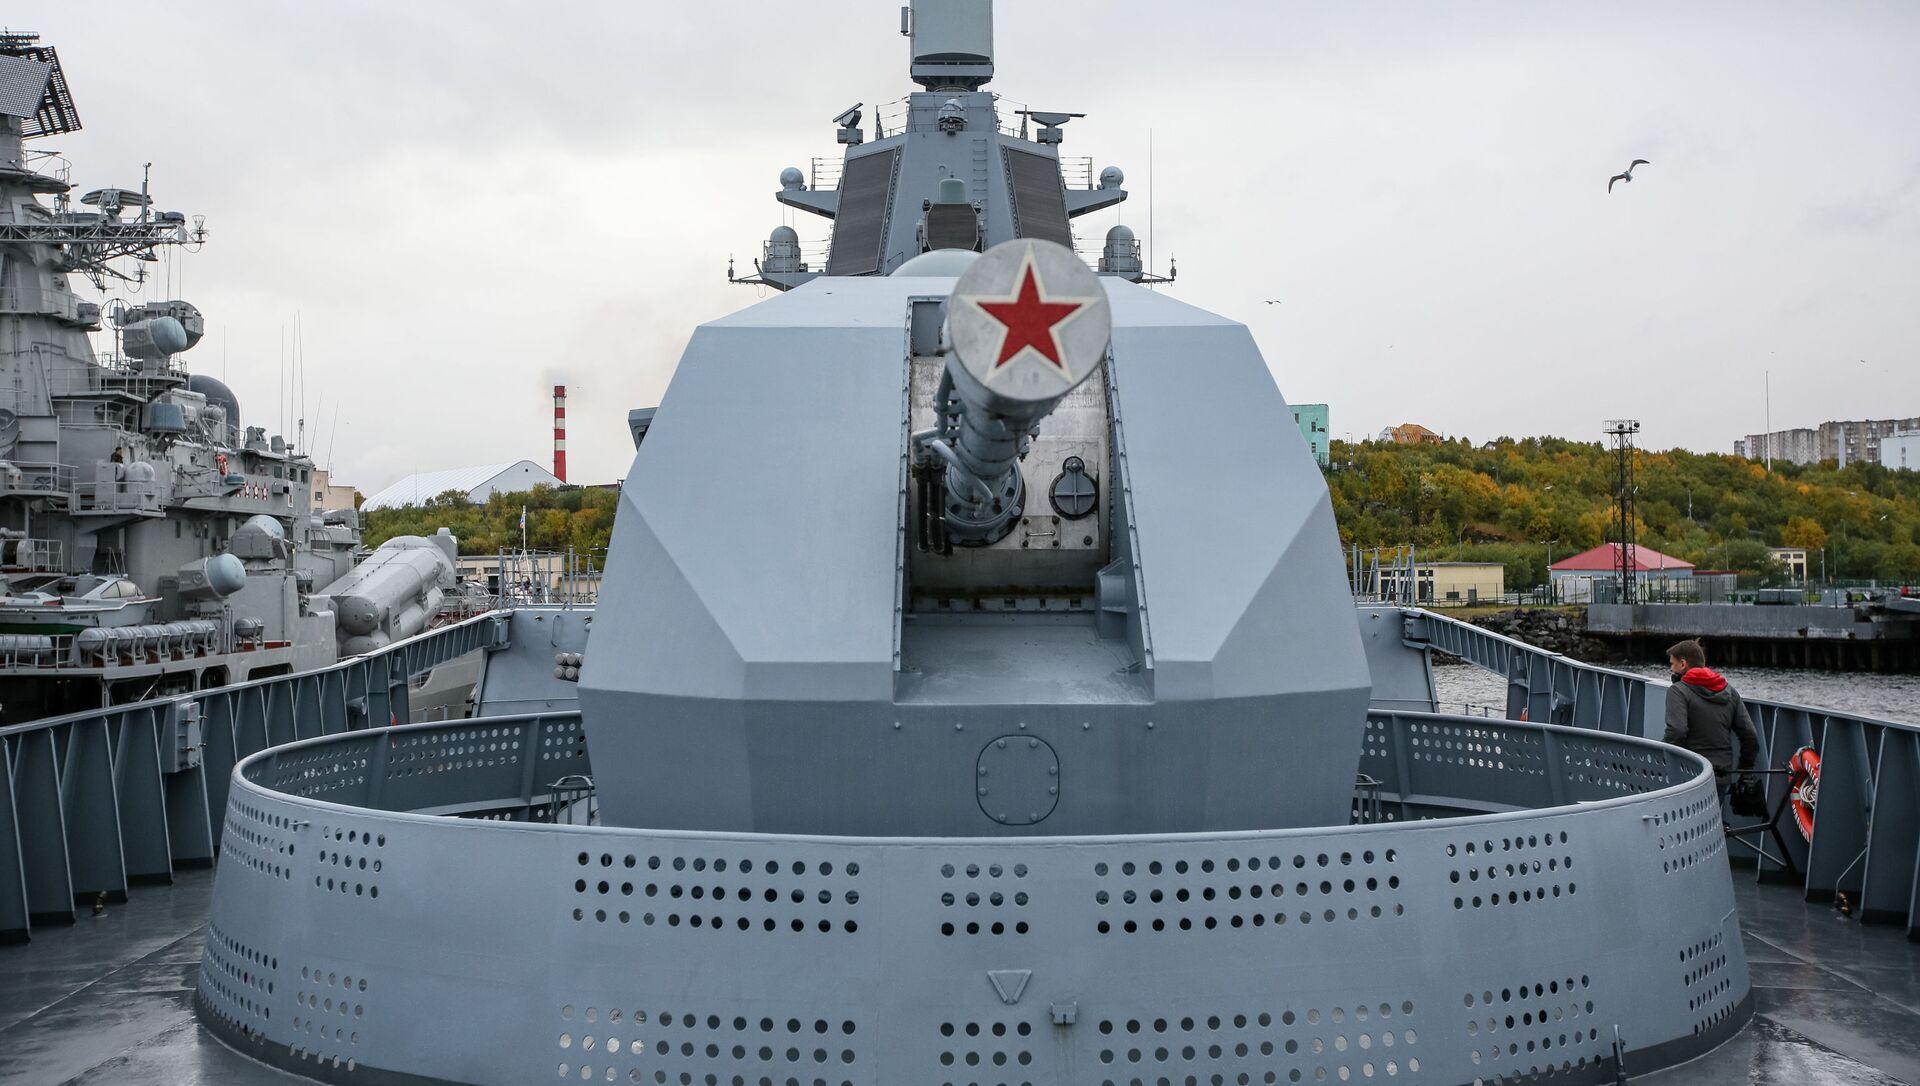 Dělo A-192 na palubě fregaty projektu 22350 Admirál flotily Kasatonov - Sputnik Česká republika, 1920, 20.04.2021